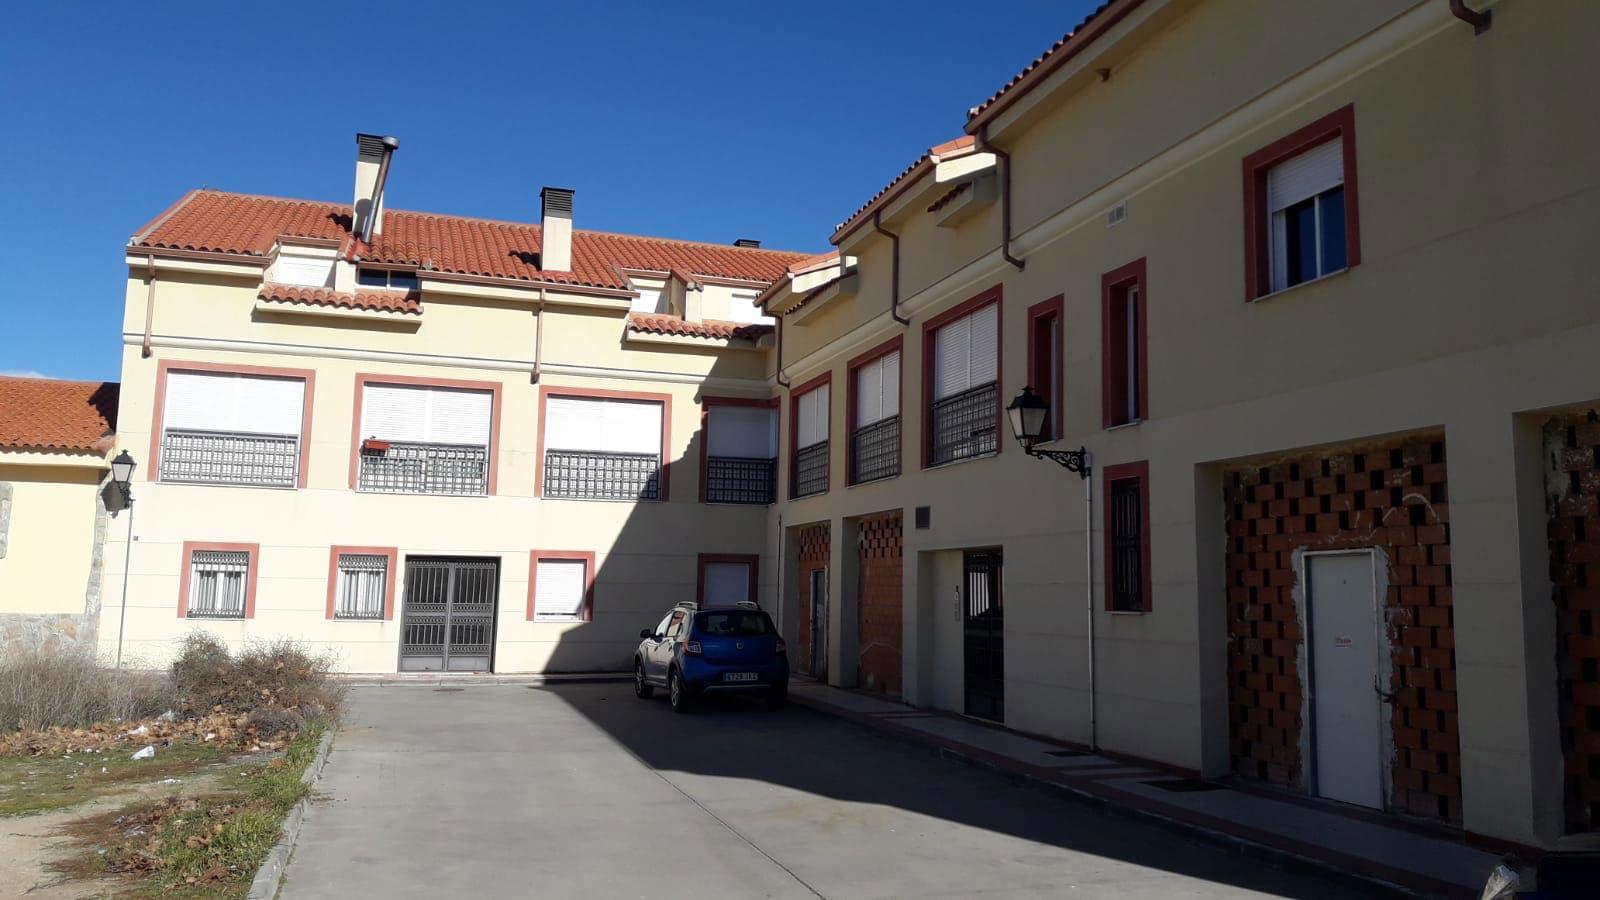 Oficina en venta en Pozo de Guadalajara, Guadalajara, Calle Manzano, 85.821 €, 104 m2